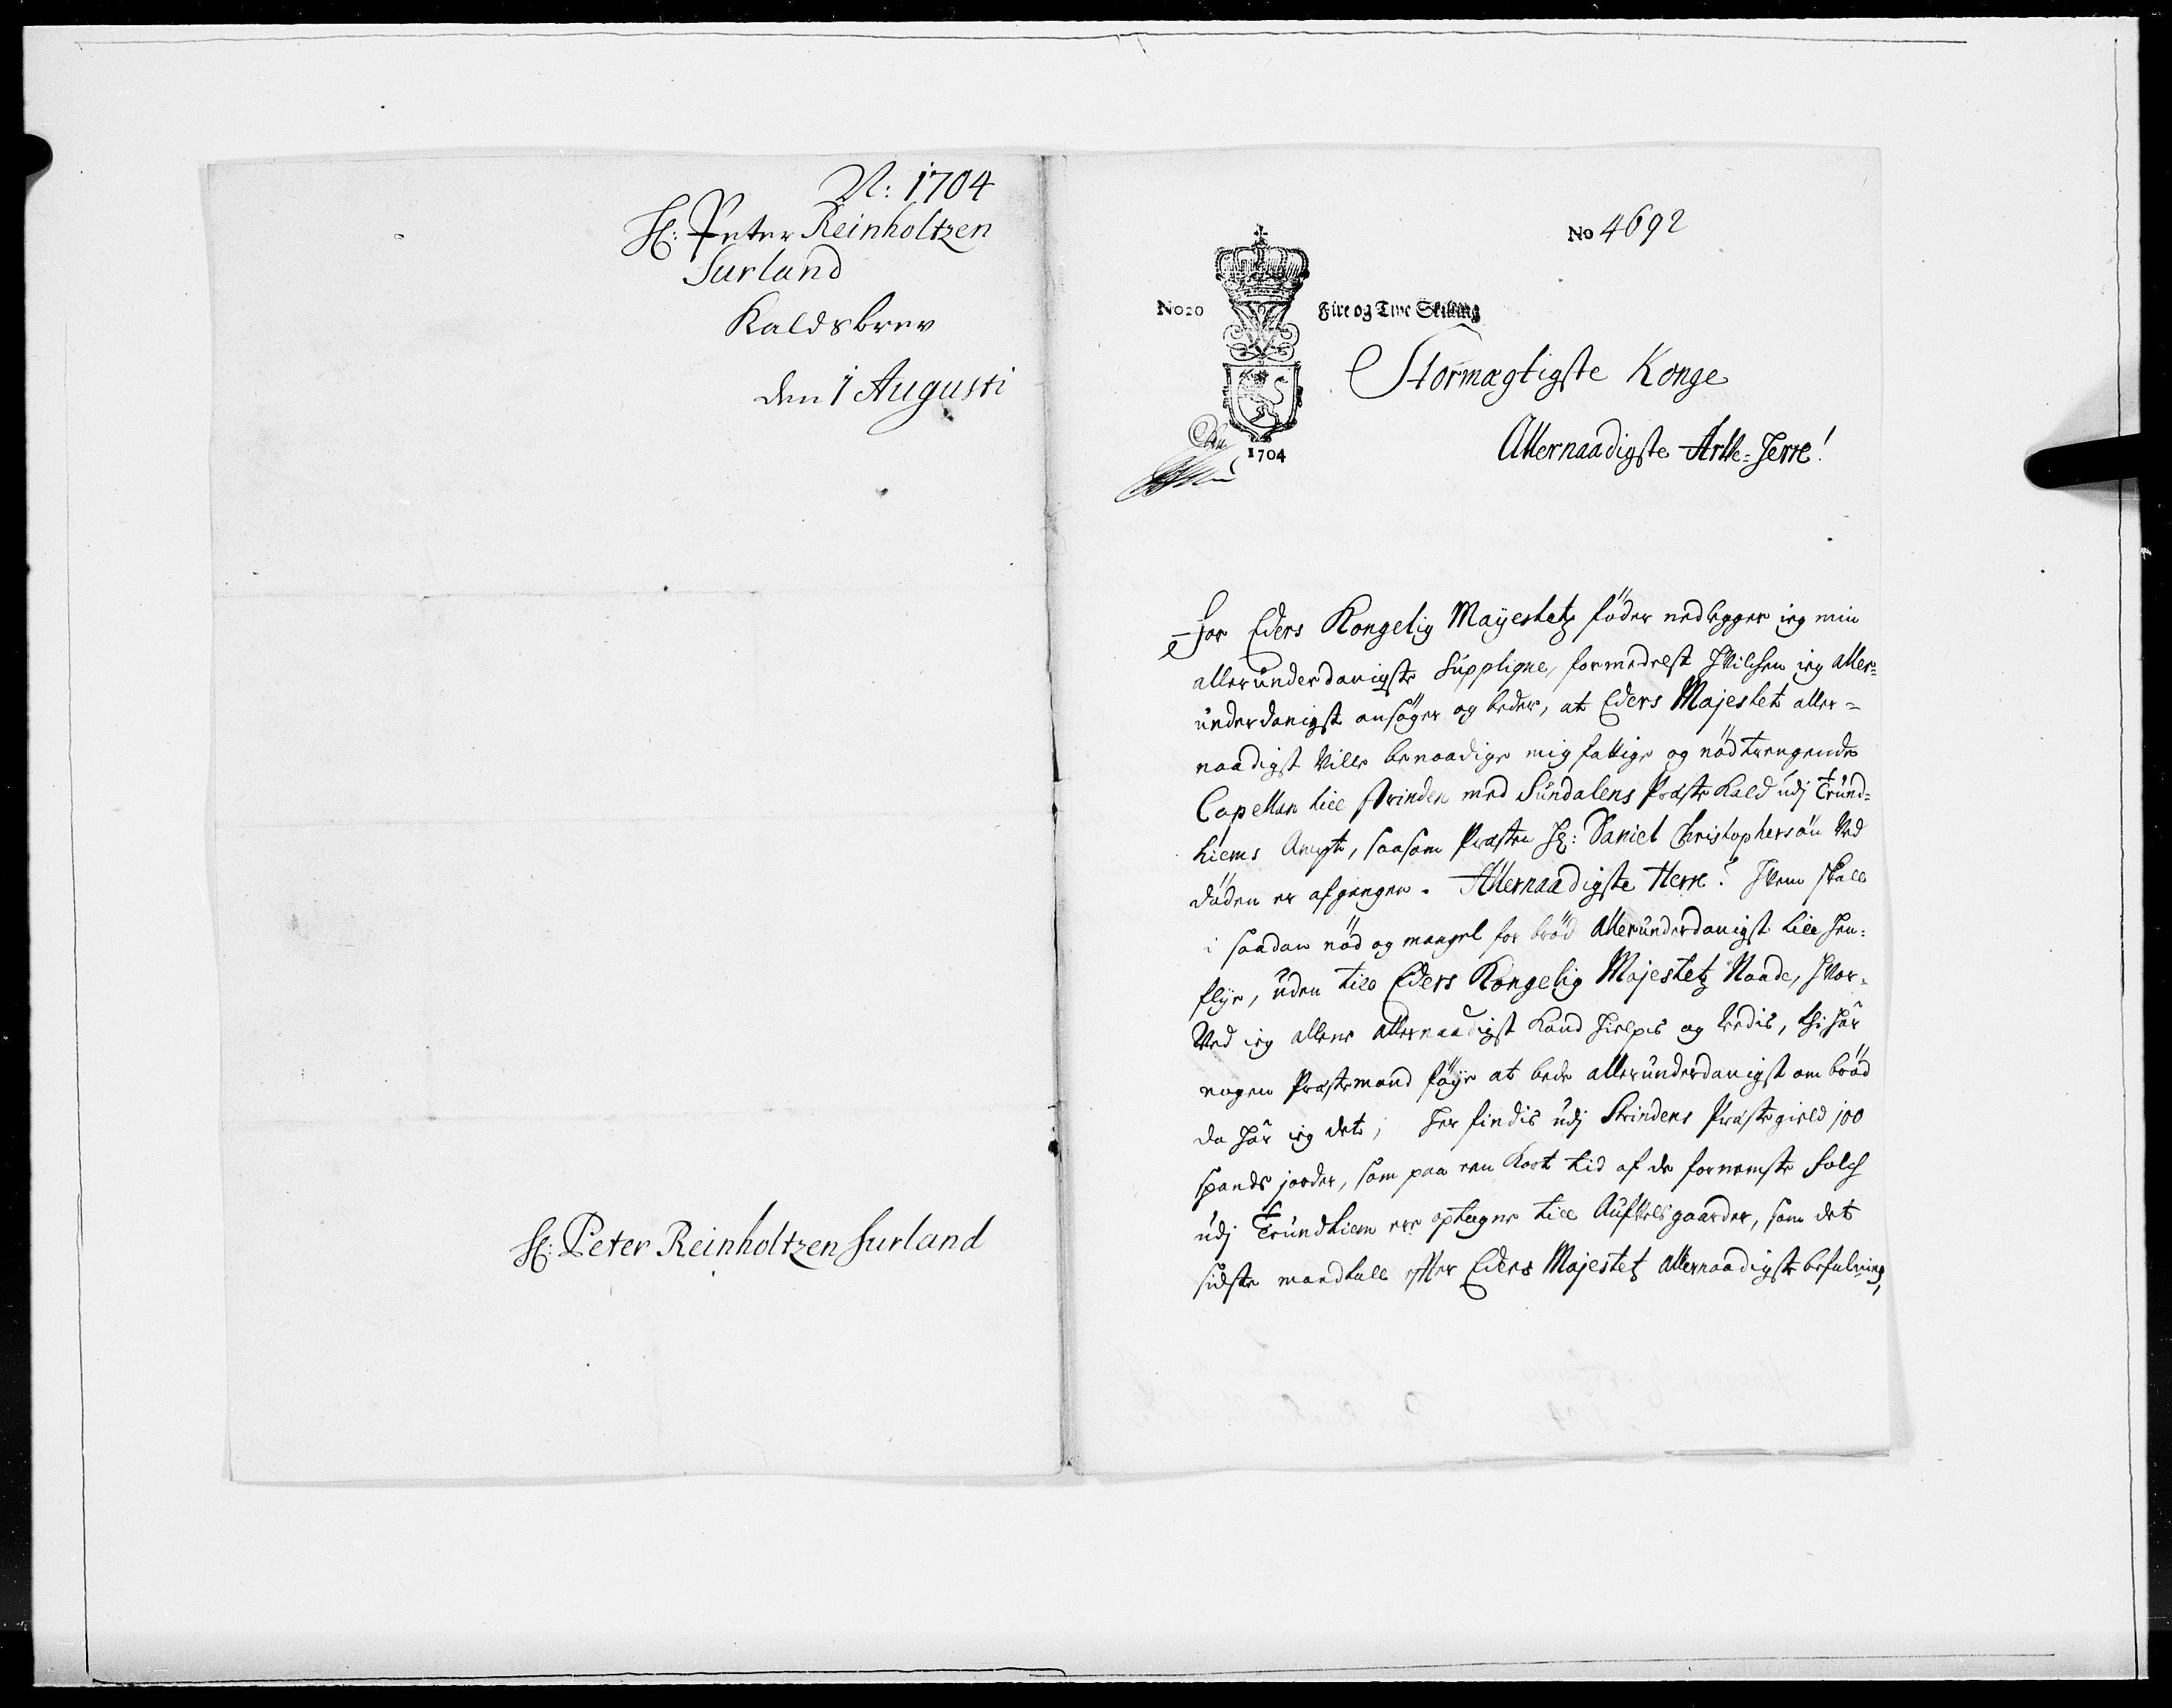 RA, Danske Kanselli 1572-1799, F/Fc/Fcc/Fcca/L0057: Norske innlegg 1572-1799, 1704, s. 145